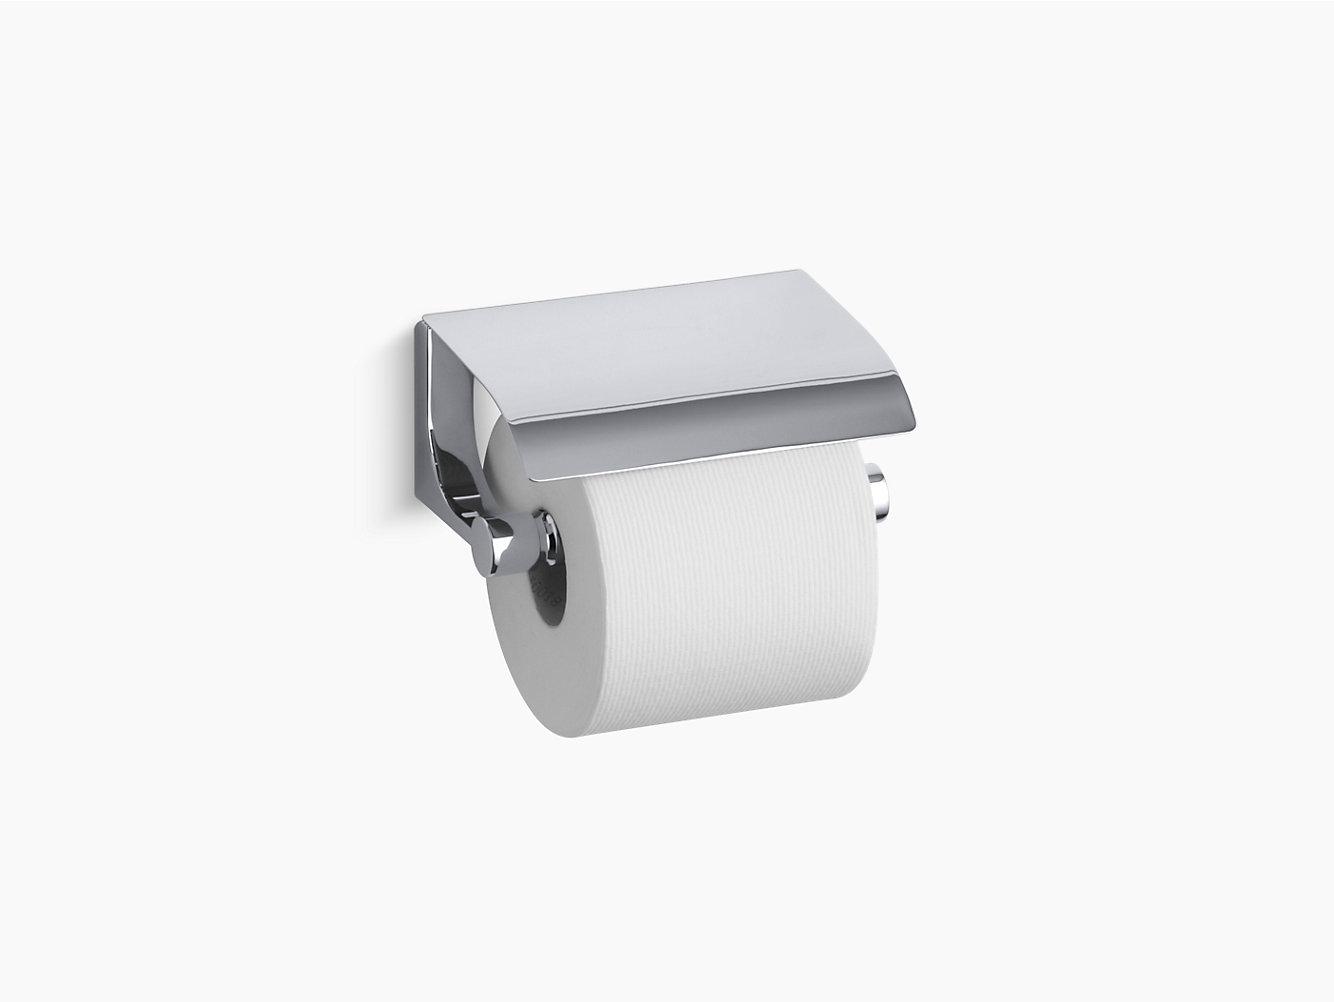 Loure Covered Toilet Tissue Holder | K-11584 | KOHLER